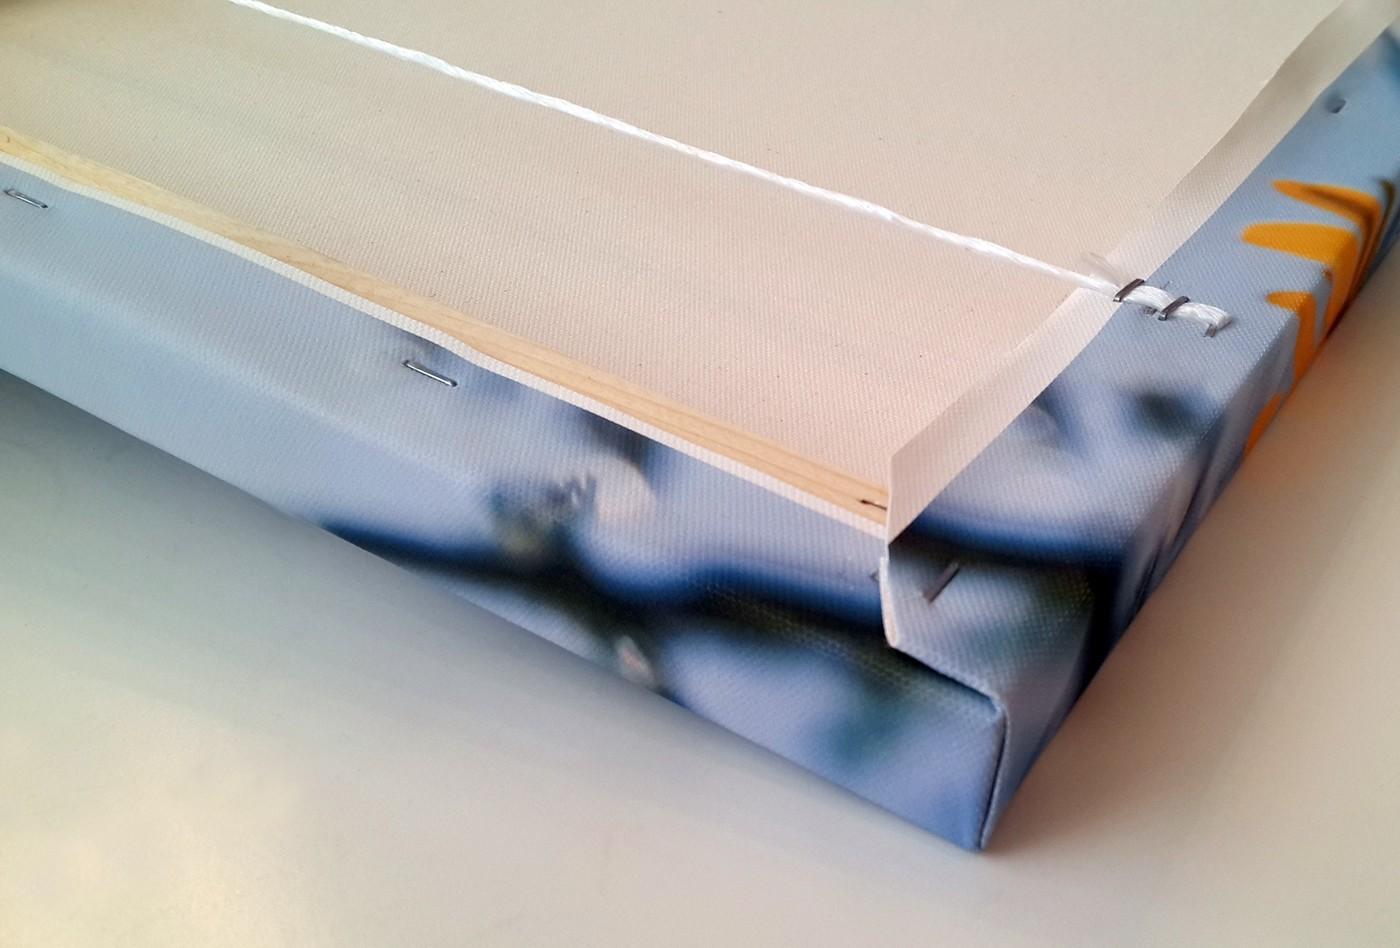 האופנה האופנתית מתיחת קנבס על מסגרת עץ - מישלי ארט   Mishely Art RN-48